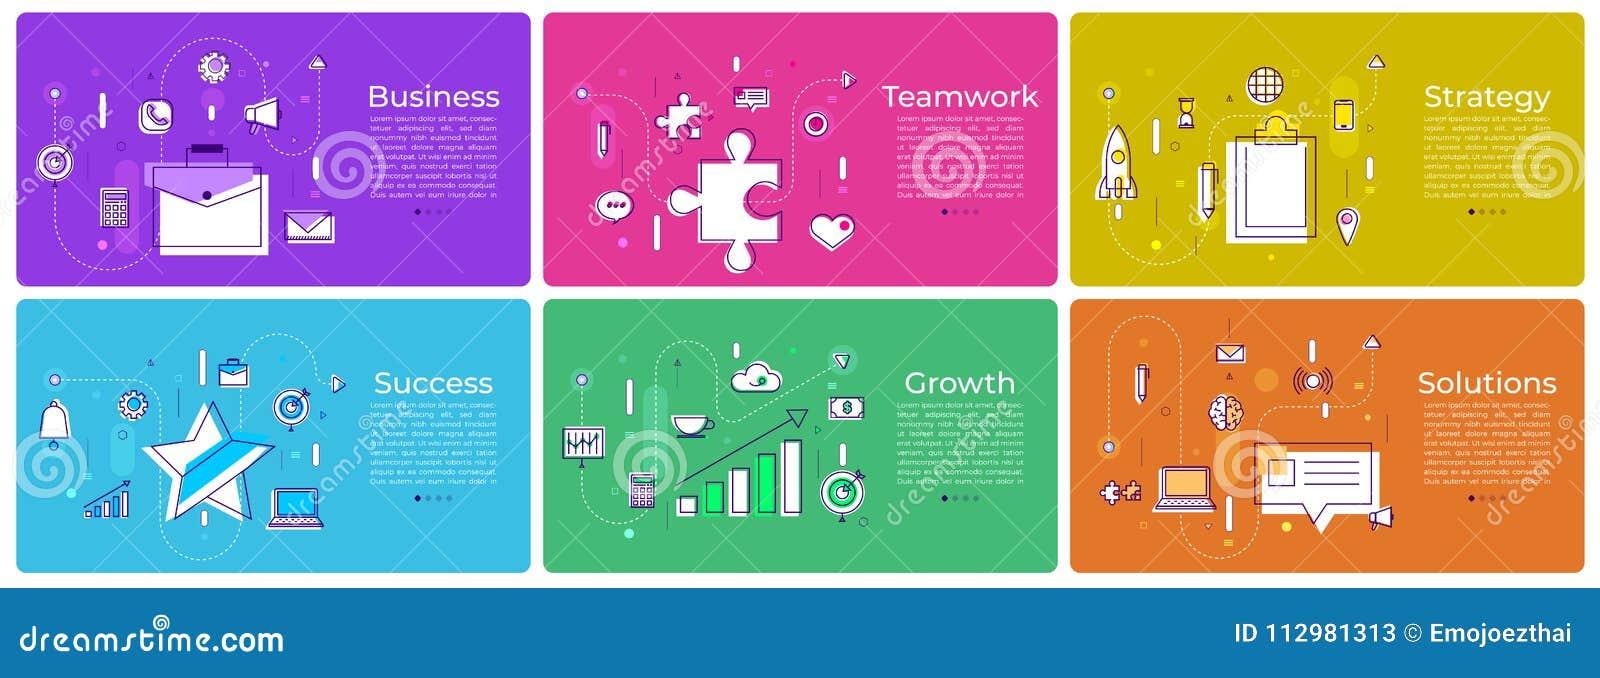 Banner set digital marketing